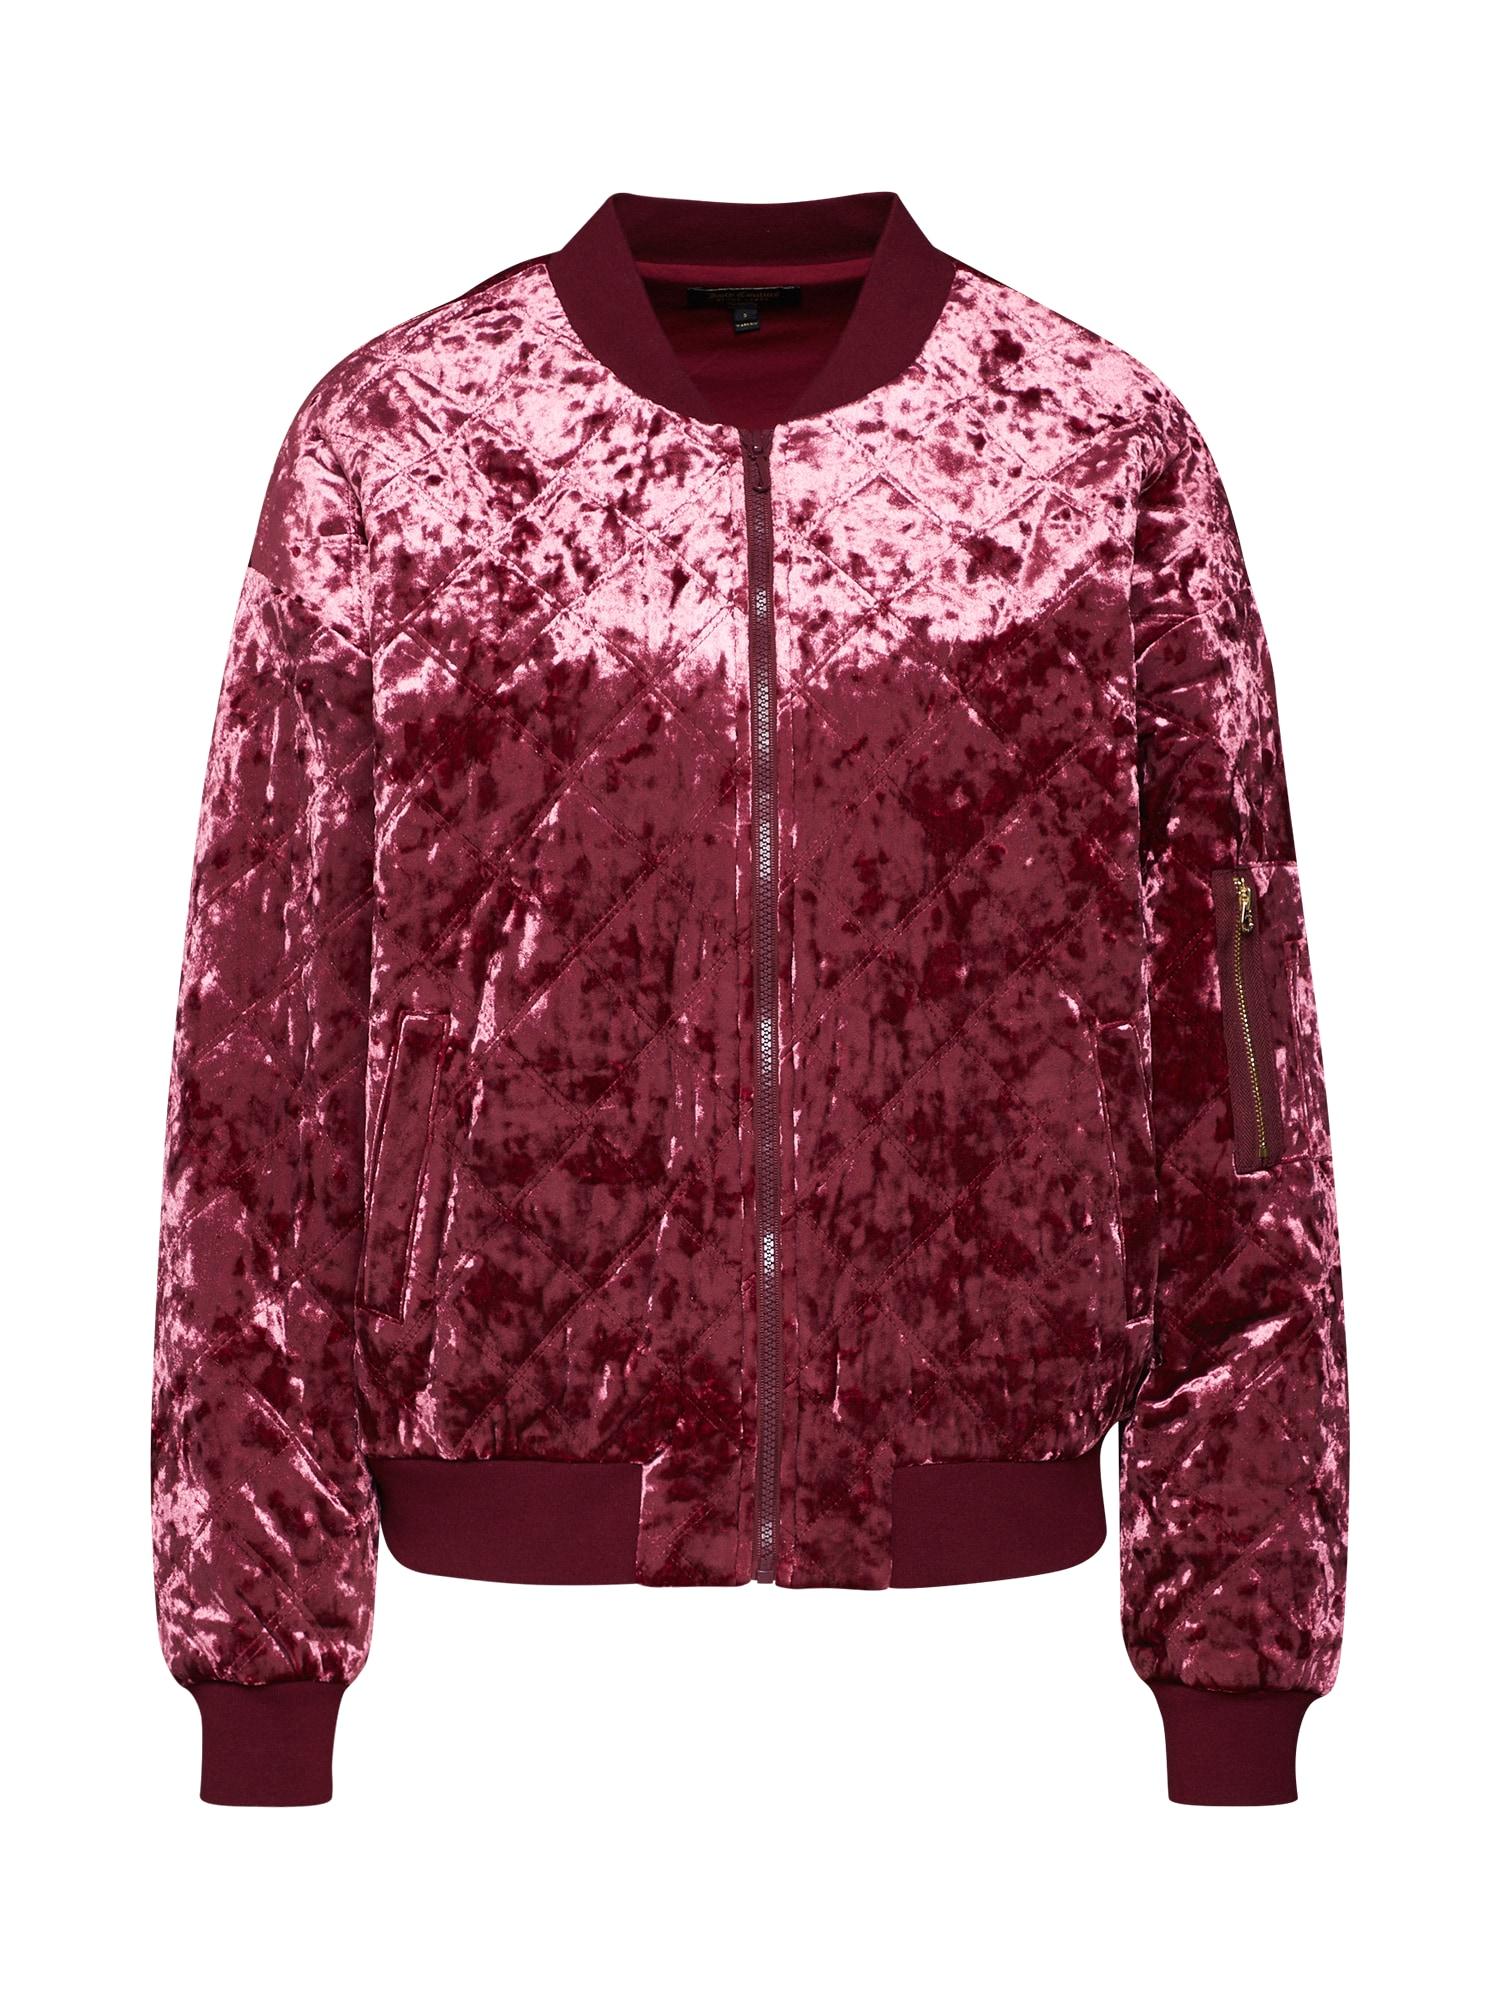 Přechodná bunda Crushed Velour Quilted Bomber Jacket vínově červená Juicy Couture Black Label